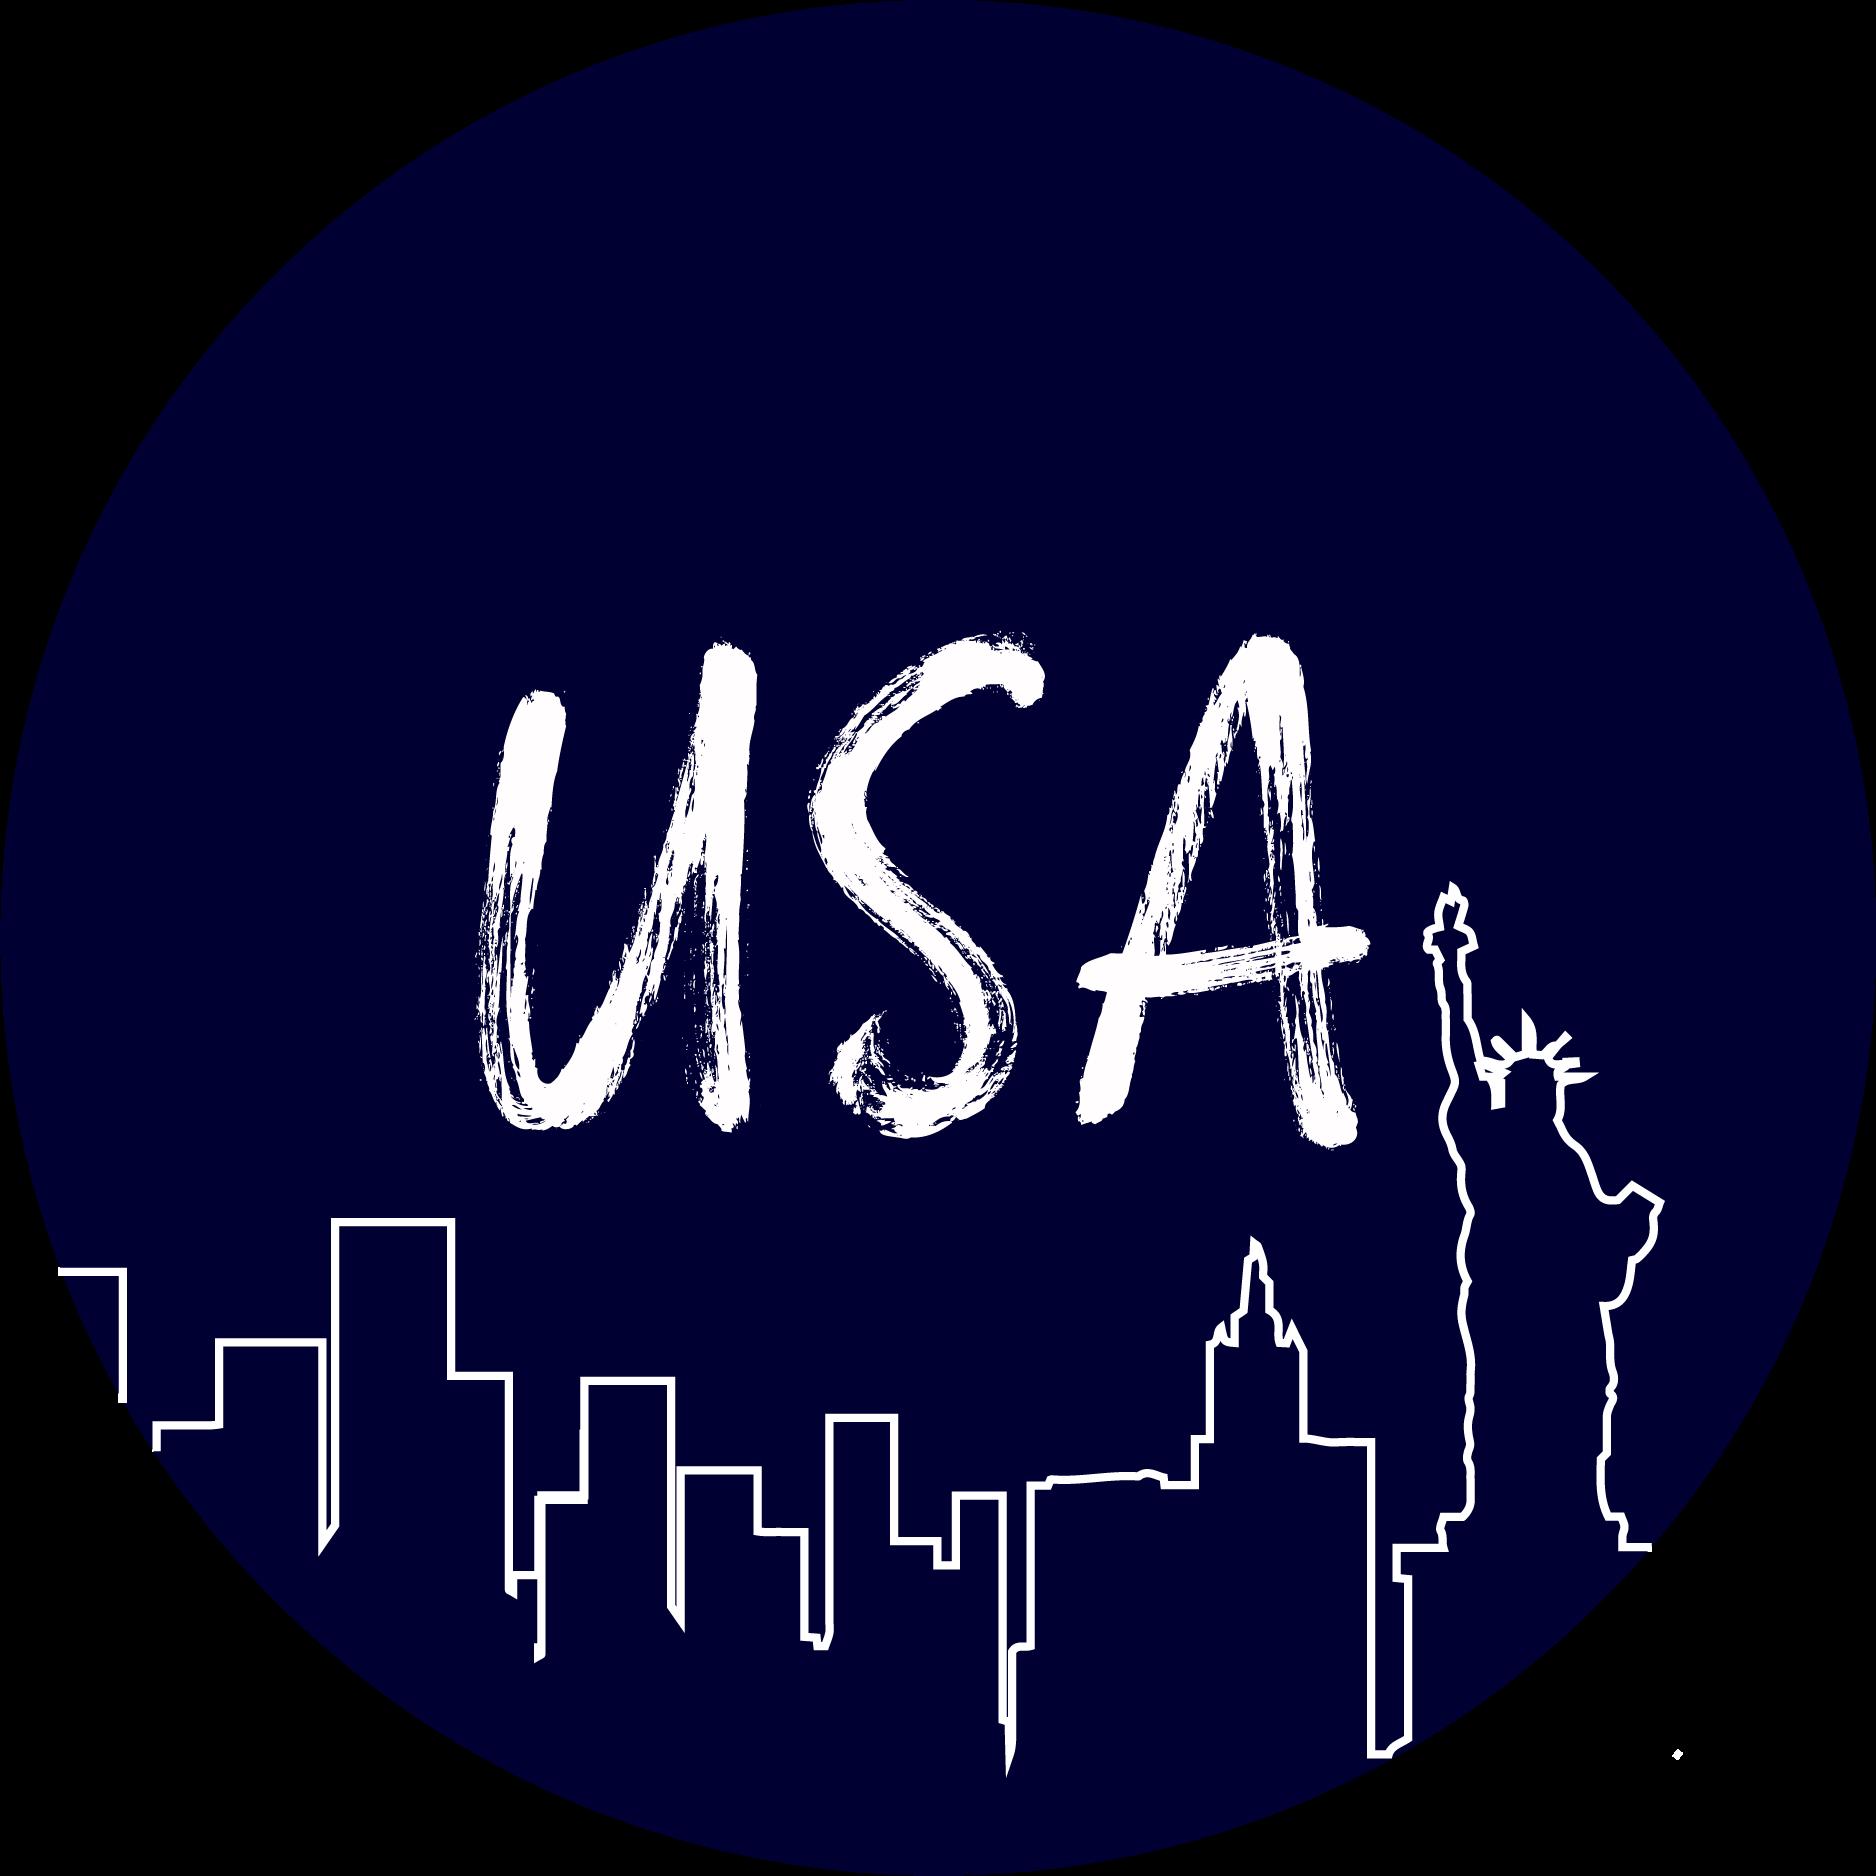 usa-circle.png